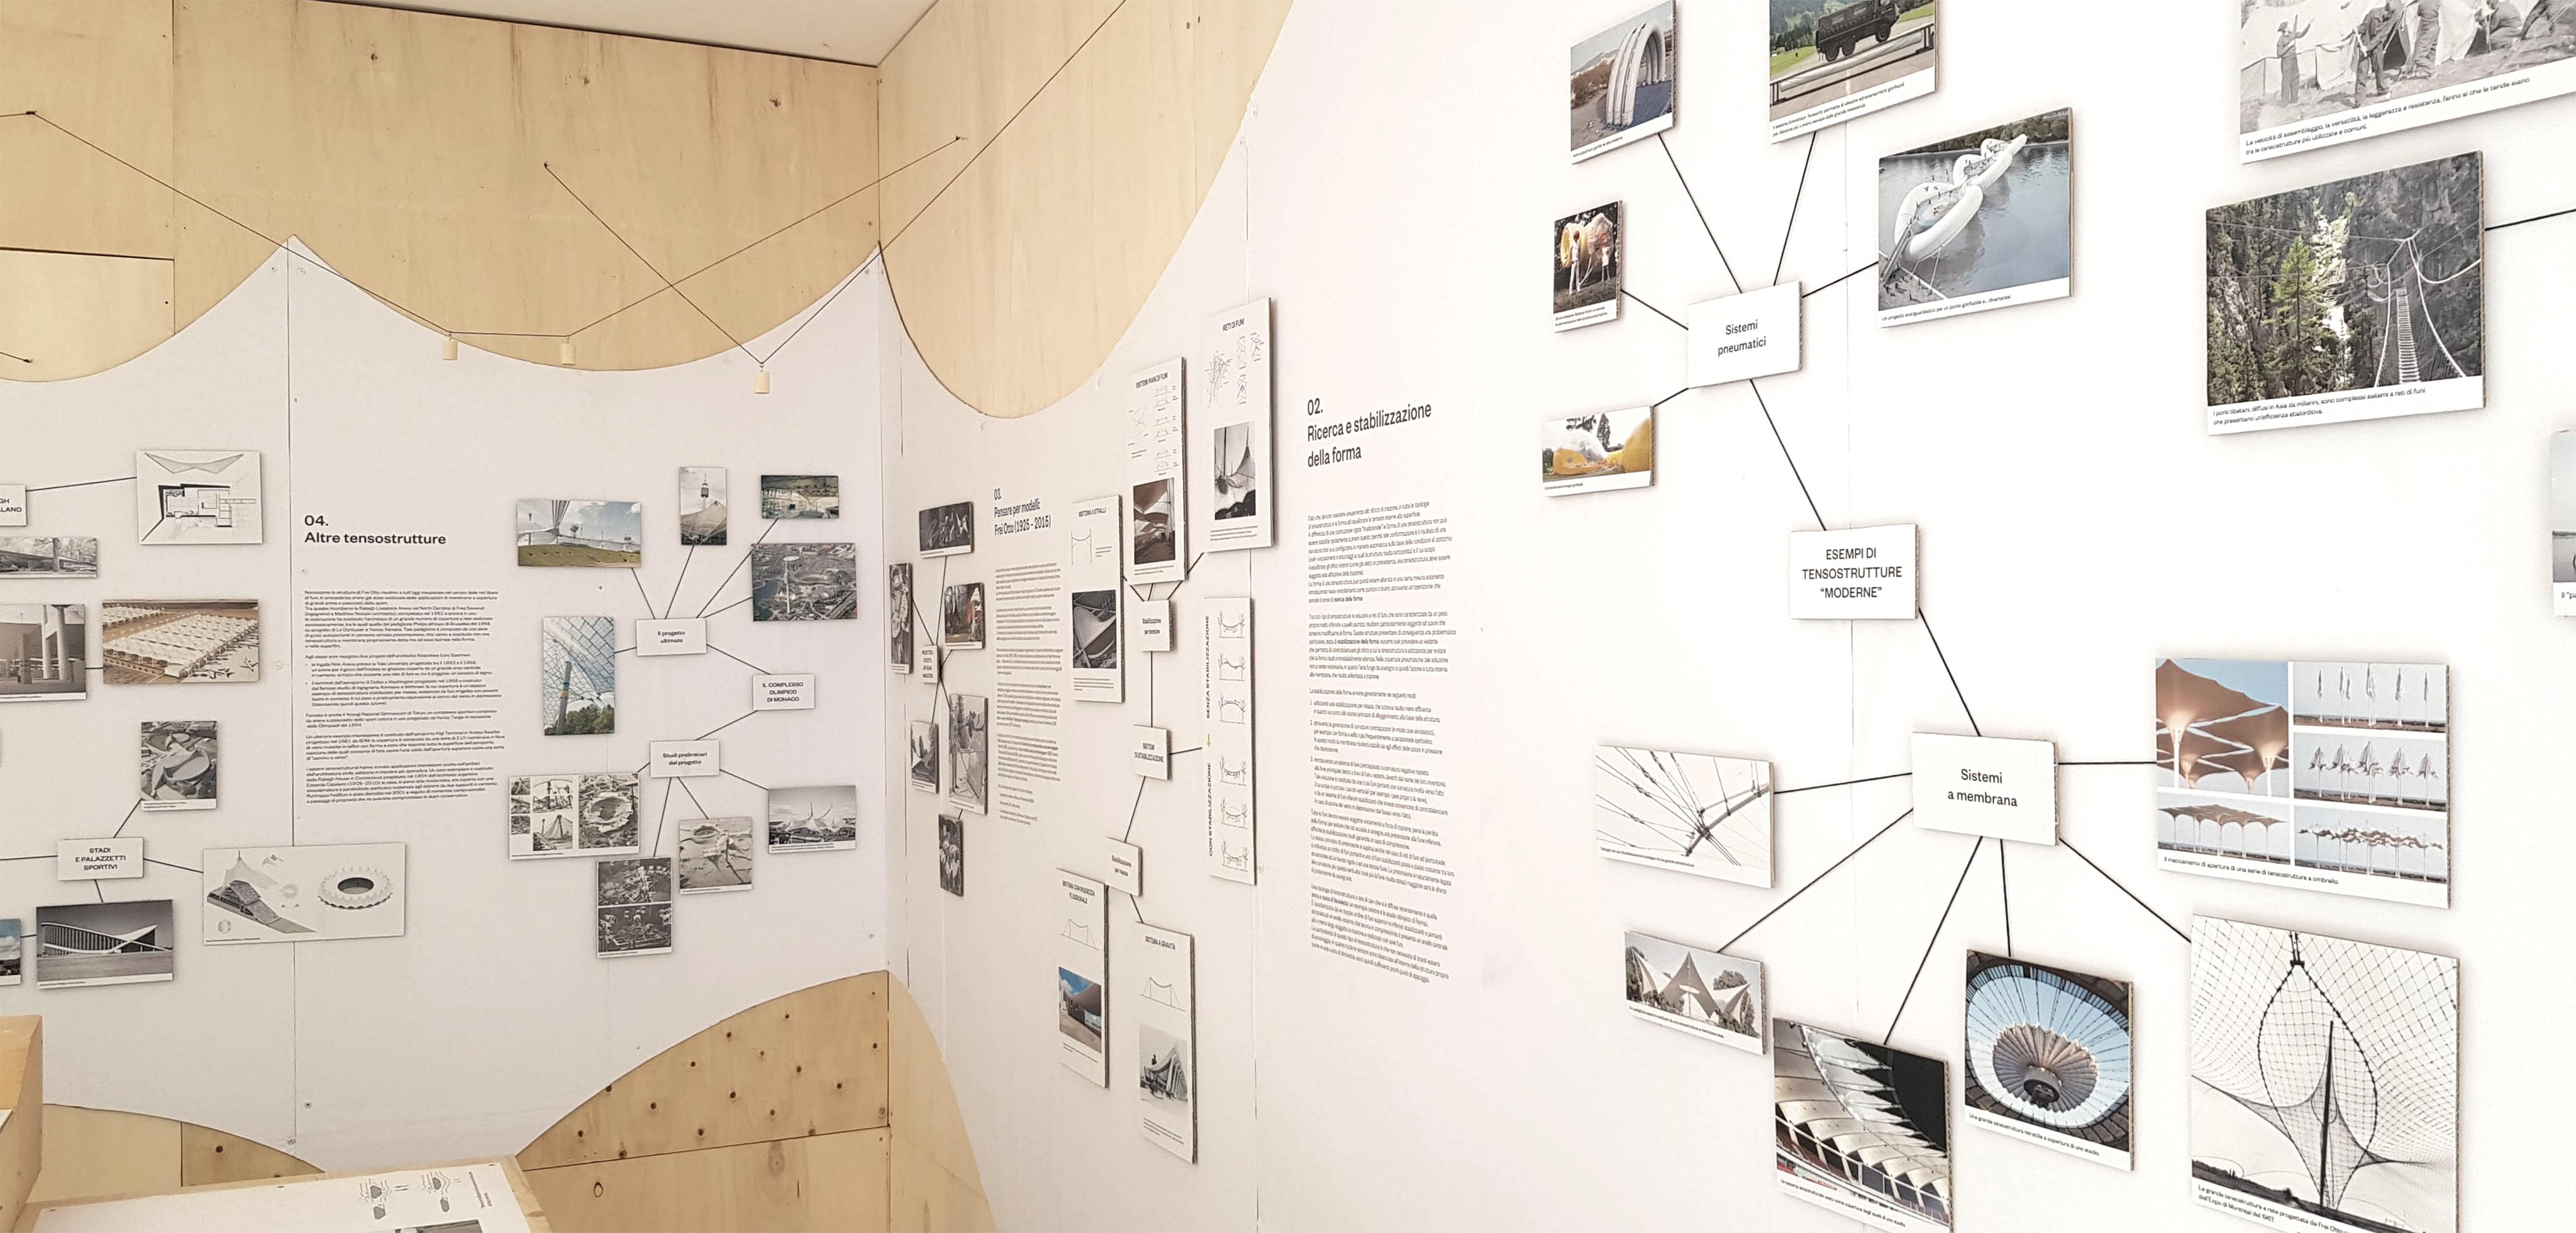 La mostra è una raccolta di riferimenti, studi e prototipi sul tema delle tensostrutture © Marco Peroni Ingegneria